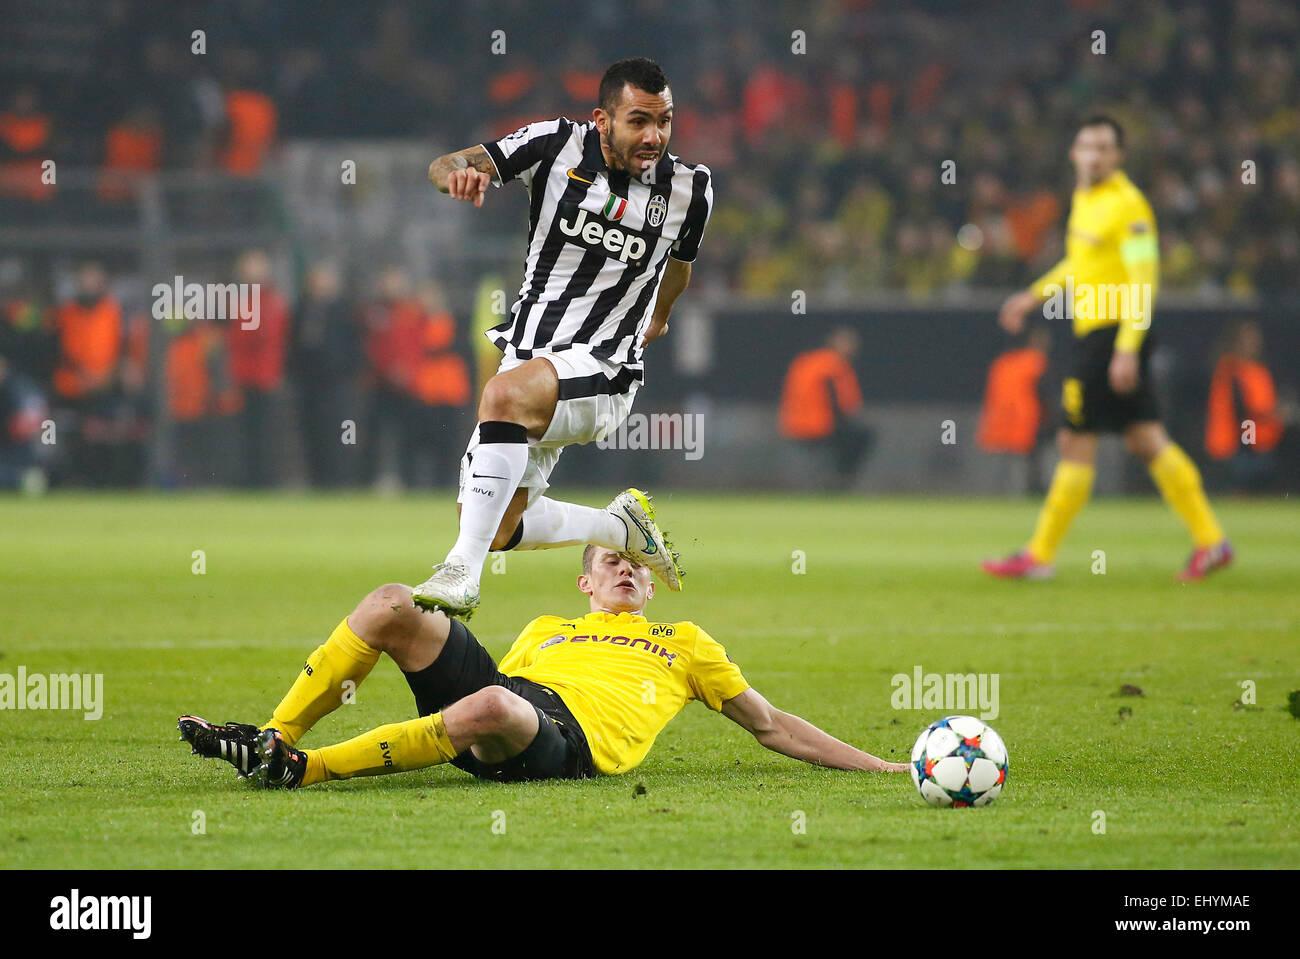 Carlos Dortmund dortmund germany 18th mar 2015 carlos tevez juventus turin